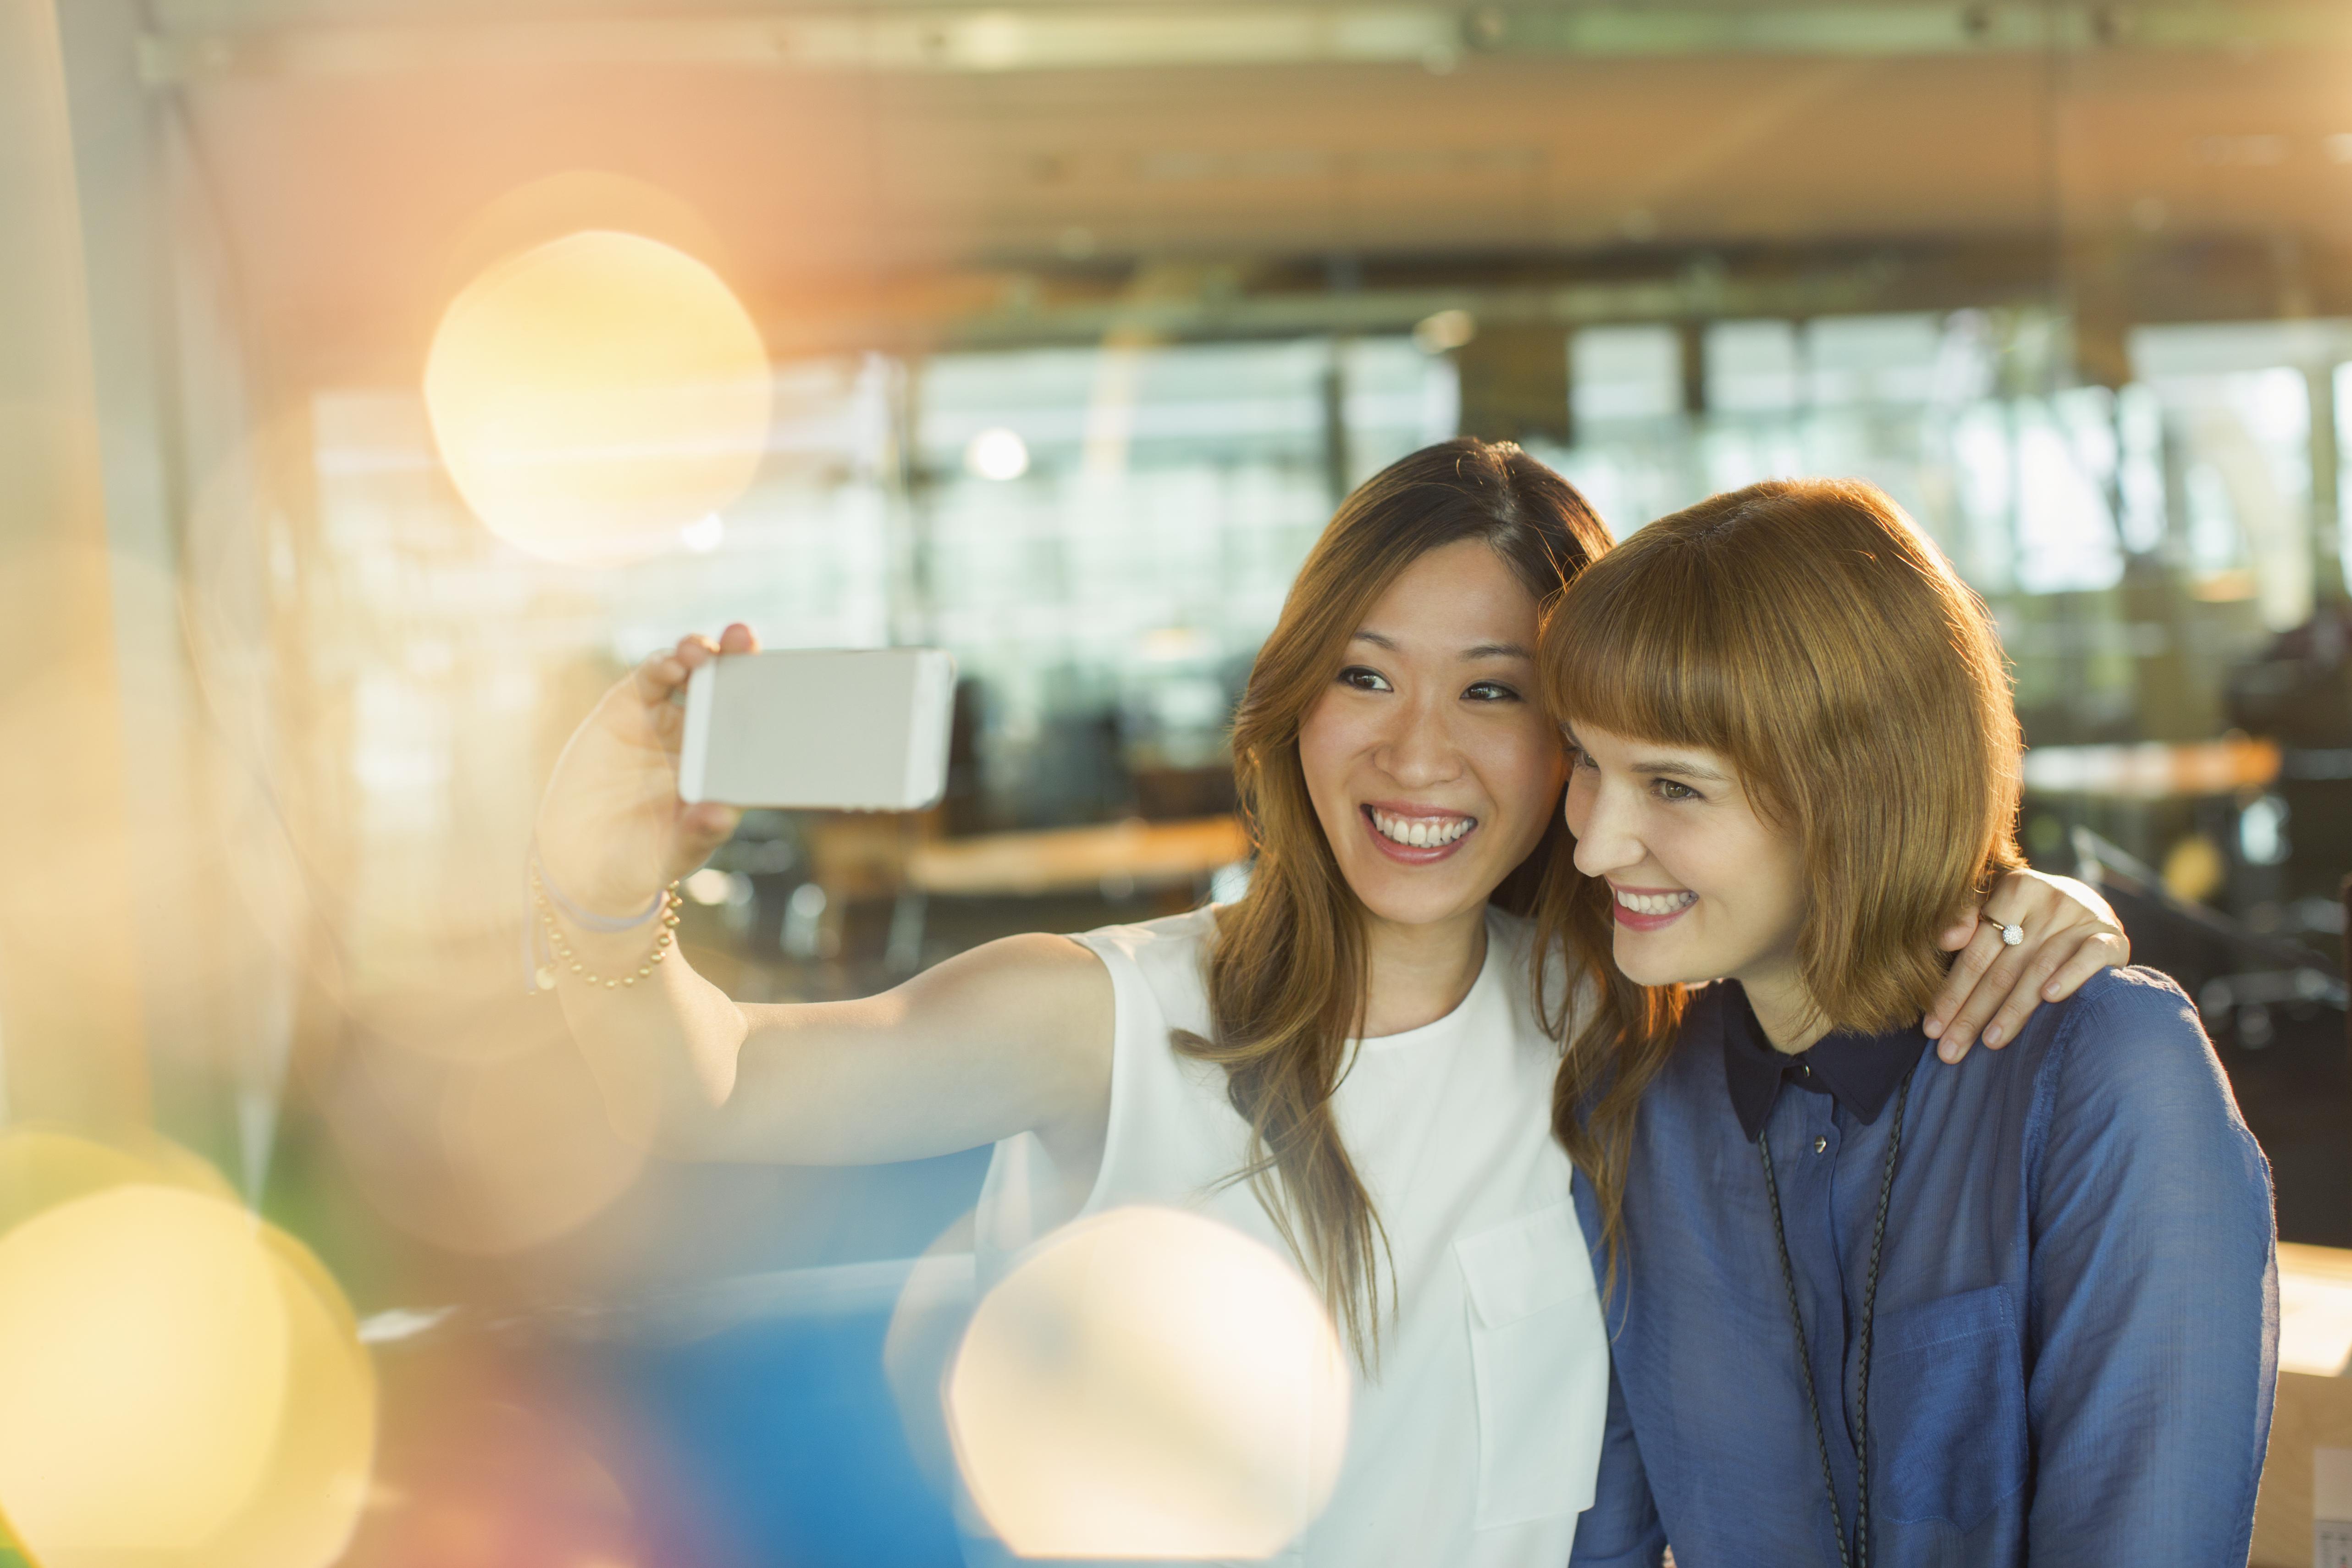 Businesswomen taking selfie in office